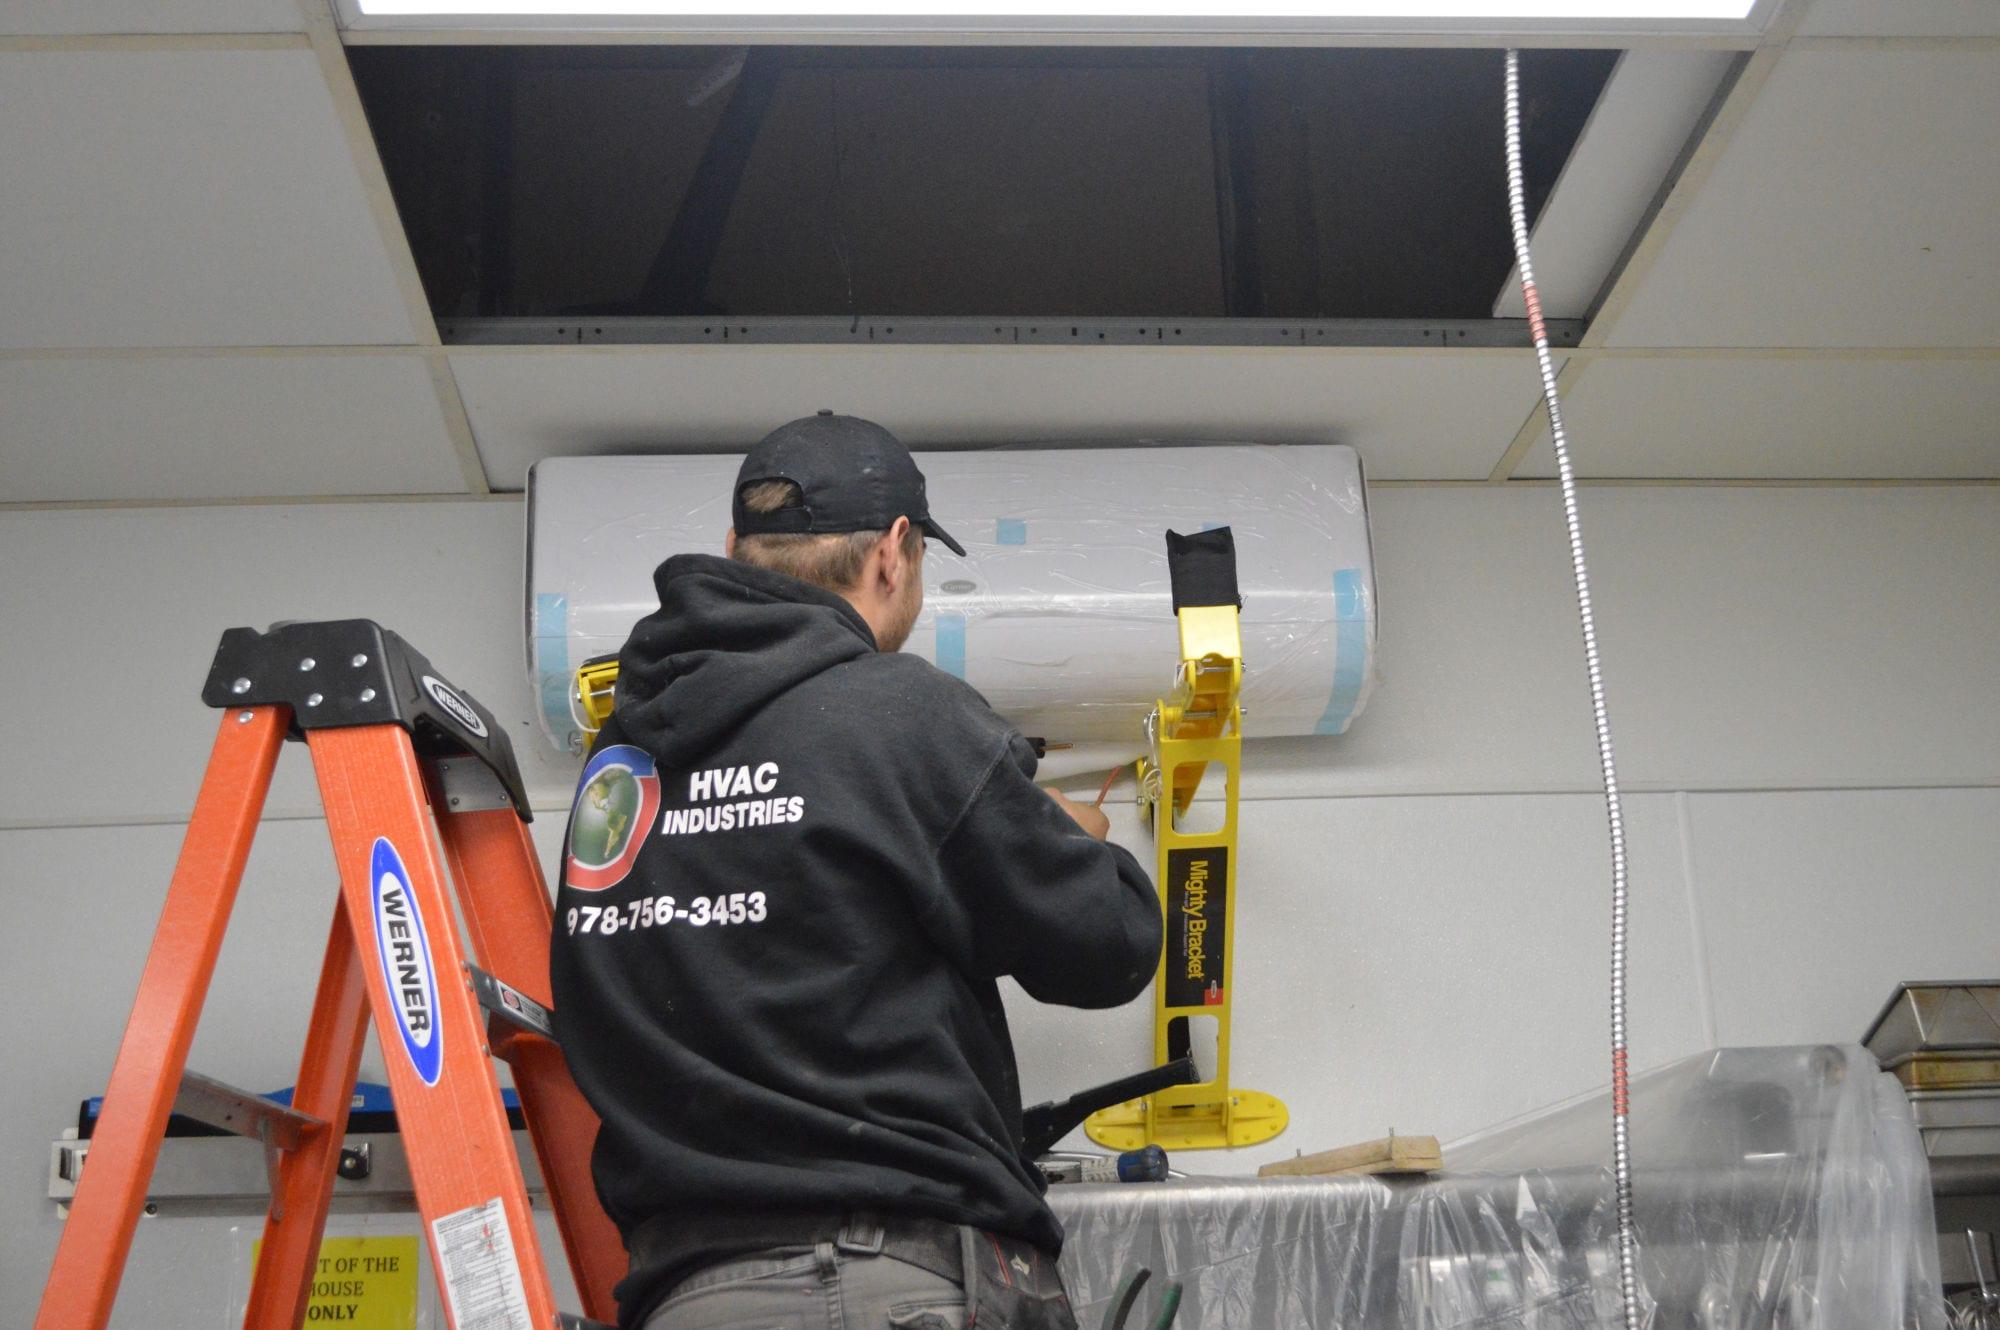 hvac companie air conditioning repair services